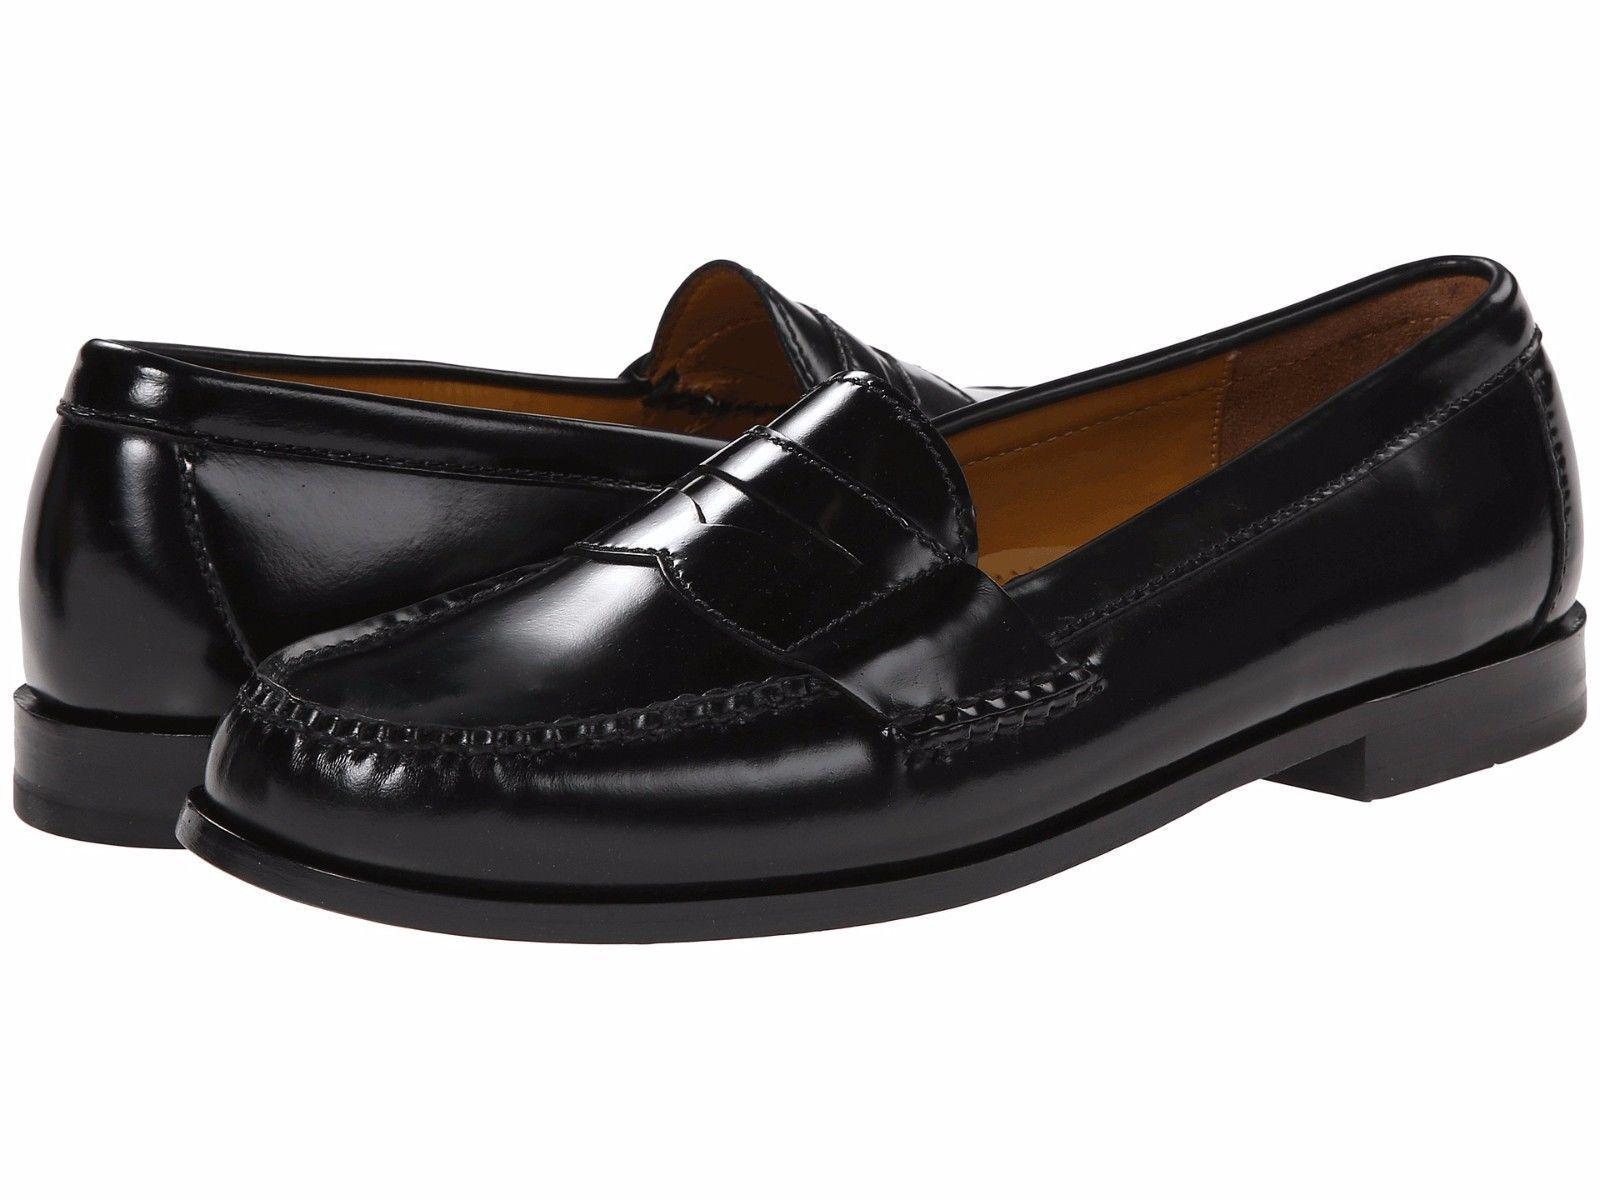 stile classico Cole Haan Uomo Pinch Penny Moc Toe Toe Toe Slip On Casual Loafer scarpe nero 8.5 NEW  molte sorprese